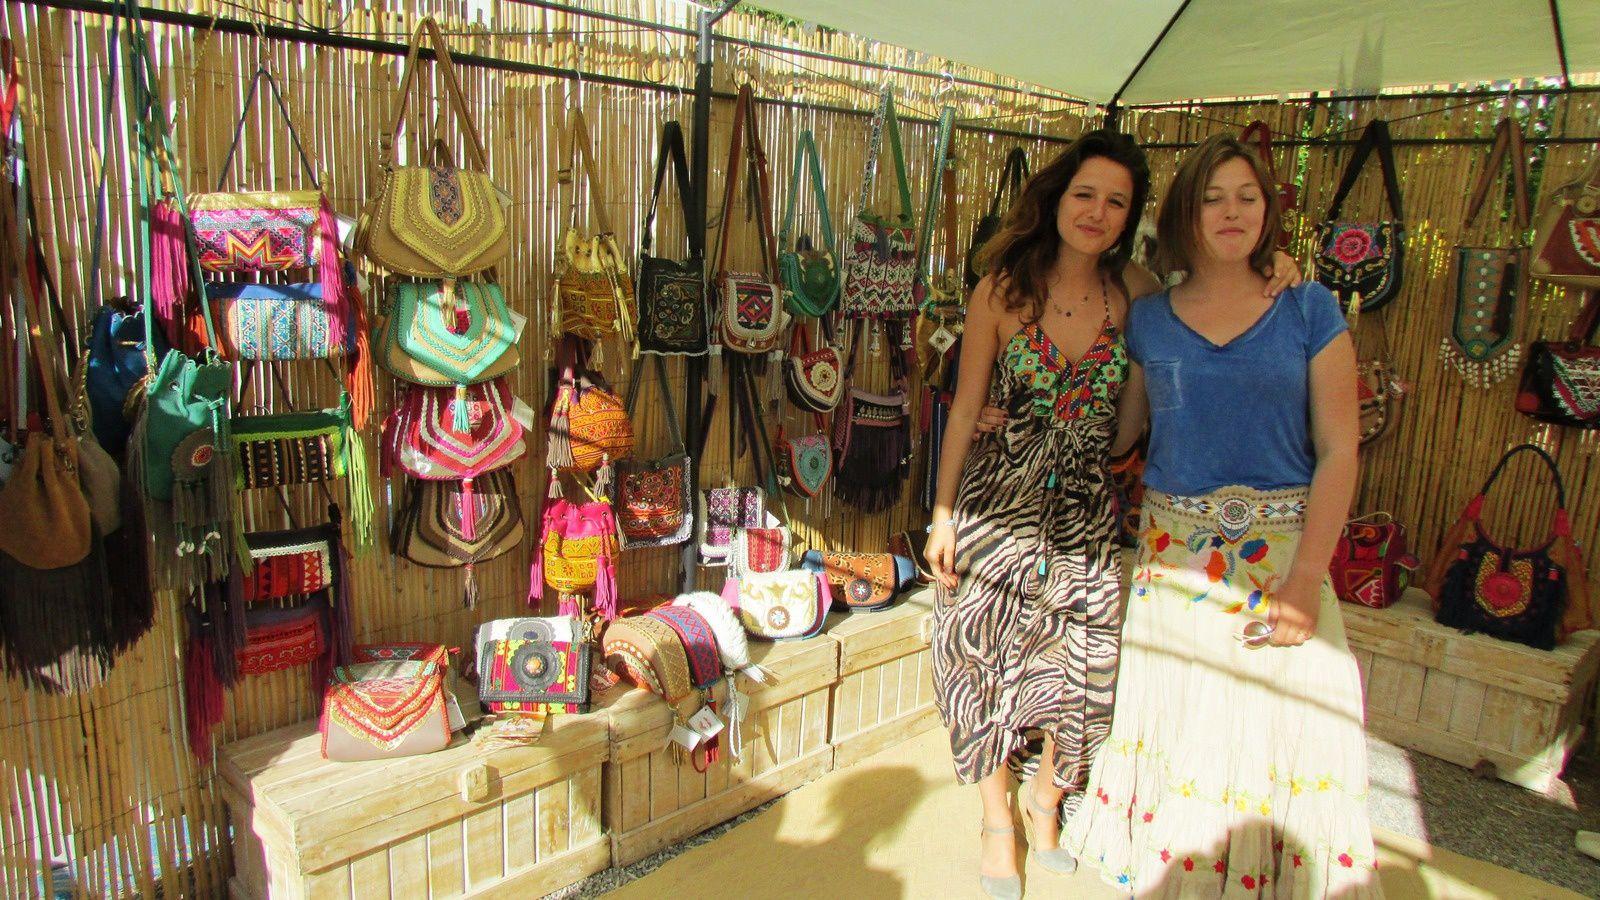 un des  grands marchés hippie est celui de Las Dalias dans le village de San Carlos, Ambiance peace and love, patchouli, effluves d'encens et longues robes à fleurs.